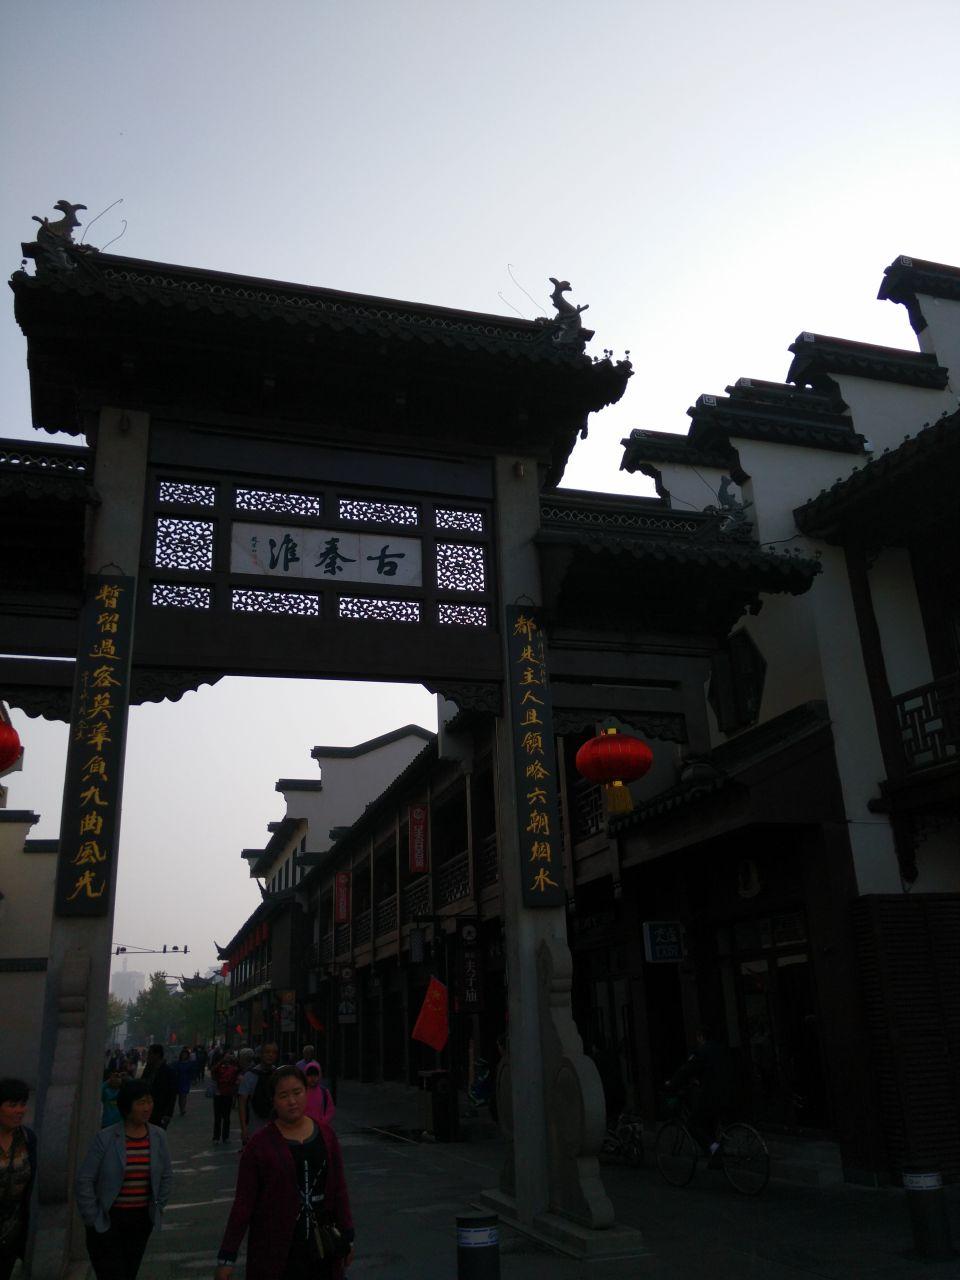 六朝古都 秦淮风月――国庆手机随拍南京秦淮河